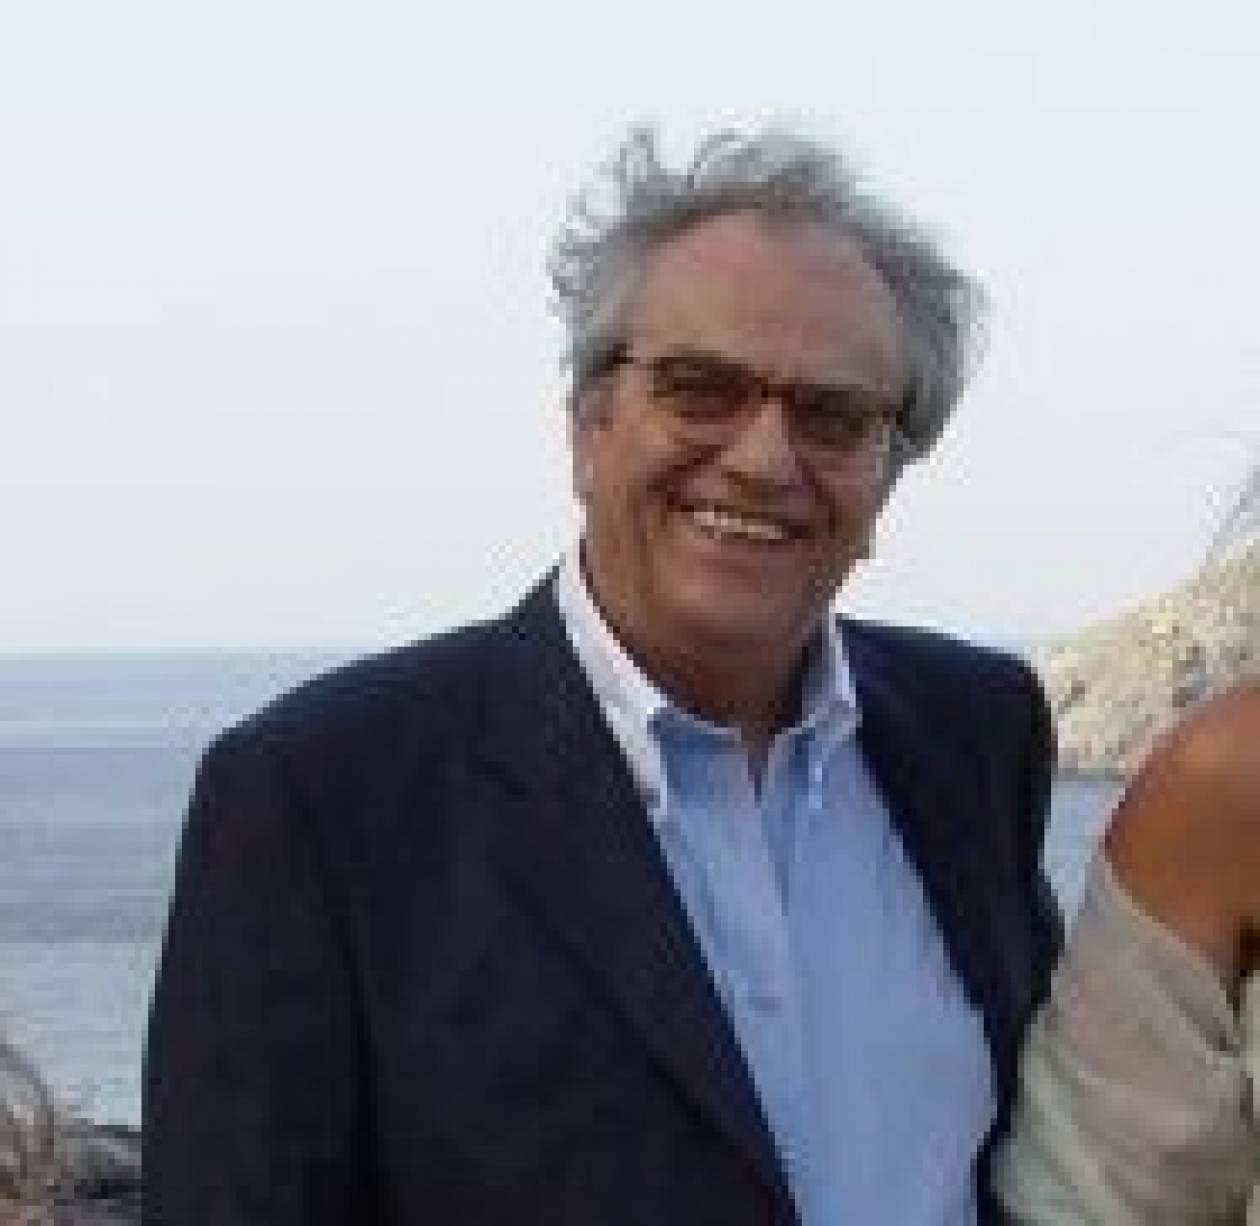 Δ. Αλευρομάγειρος: Κυβέρνηση εθνικής… ταπείνωσης